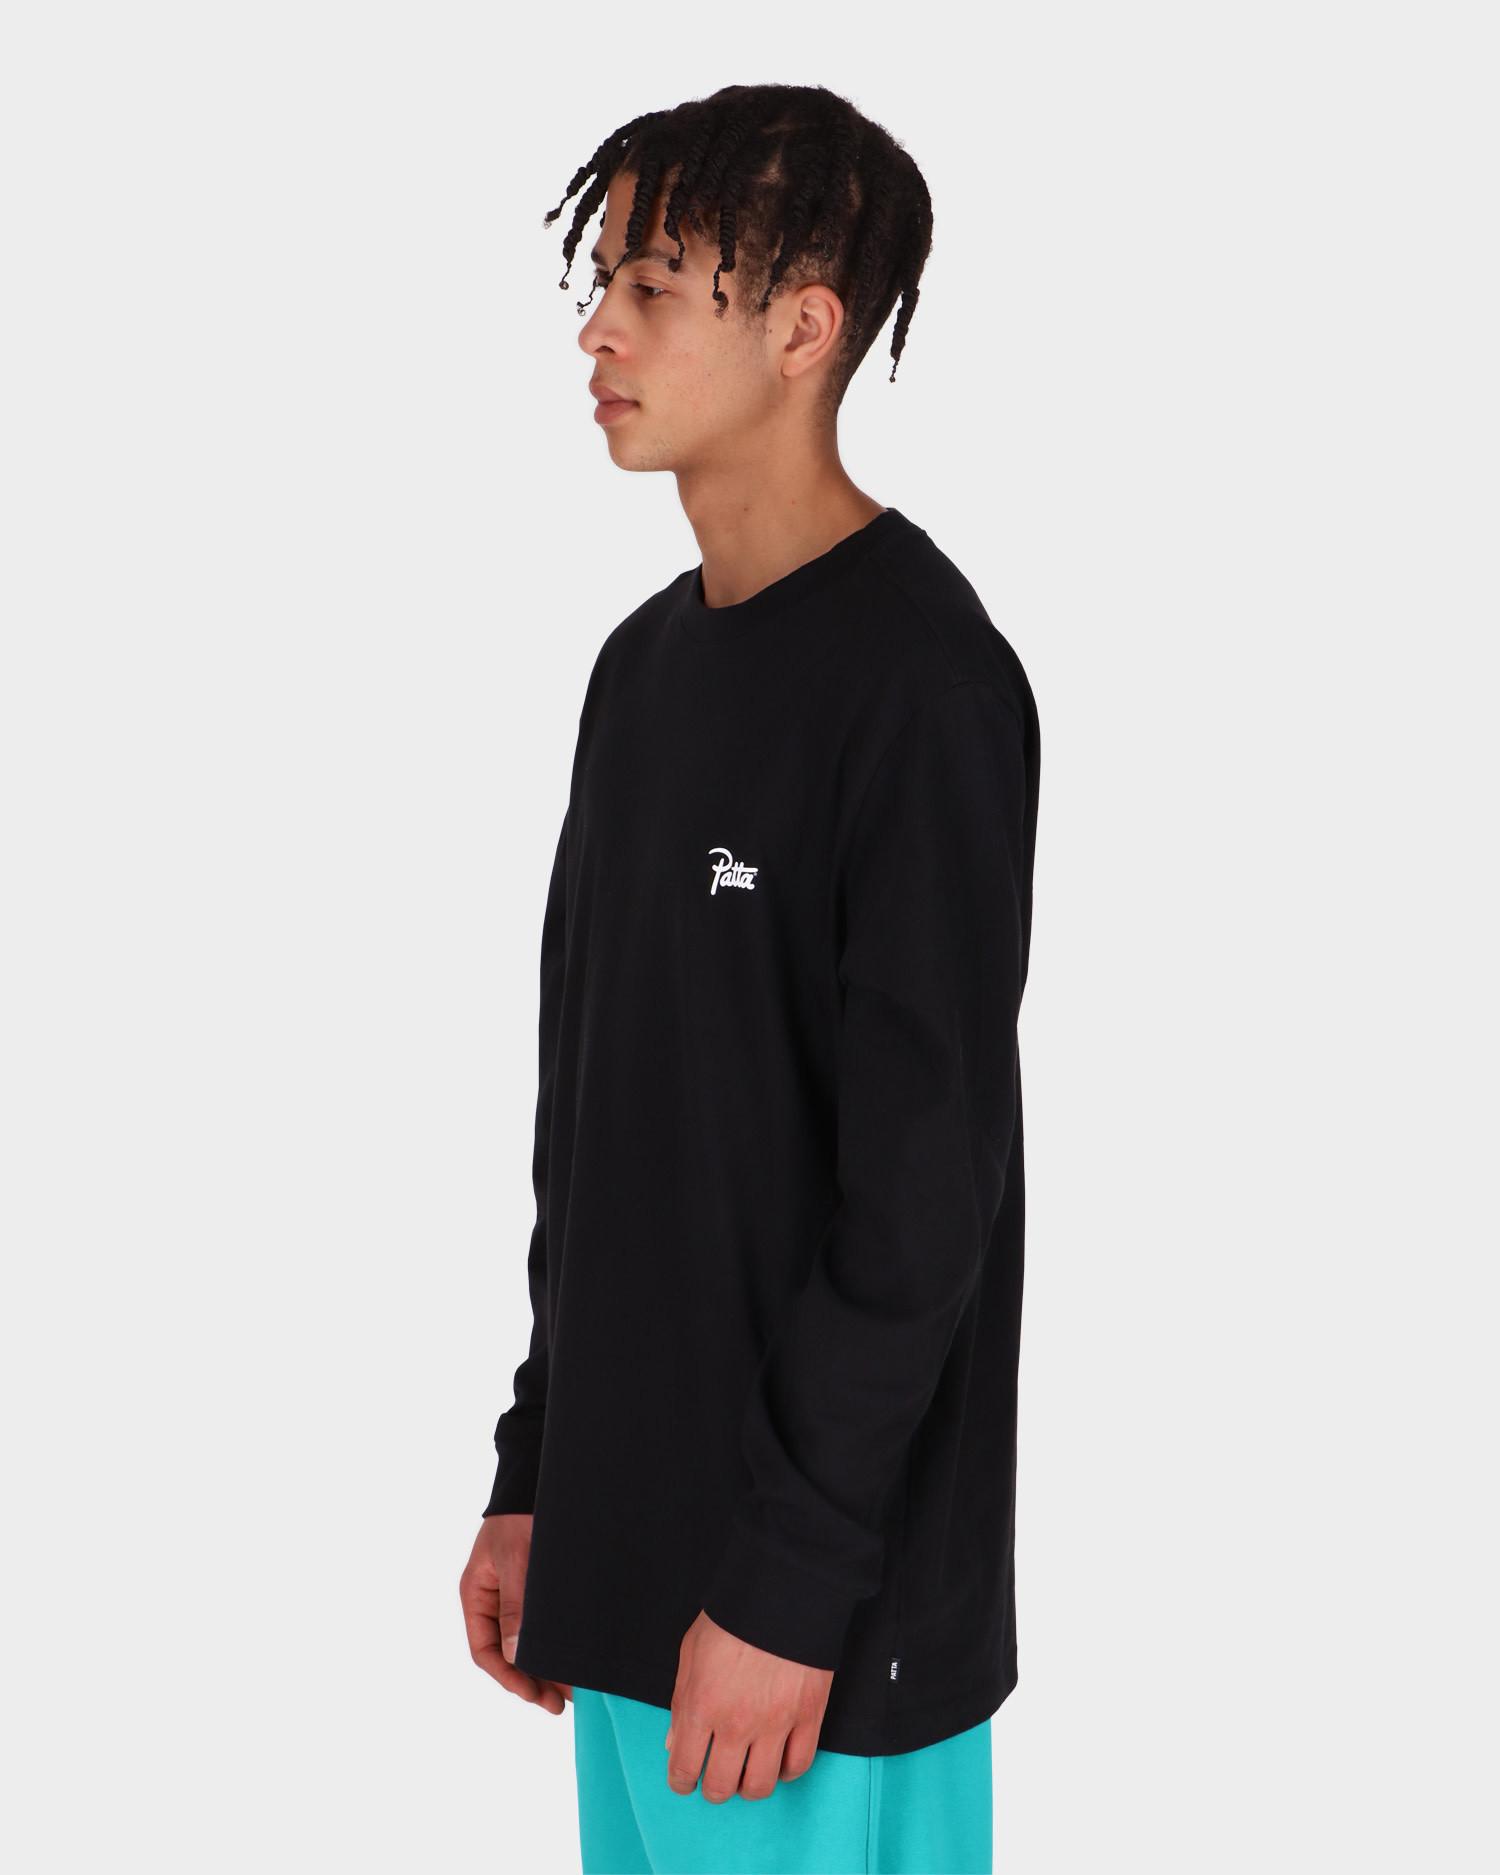 Patta Basic Longsleeve T-shirt Black